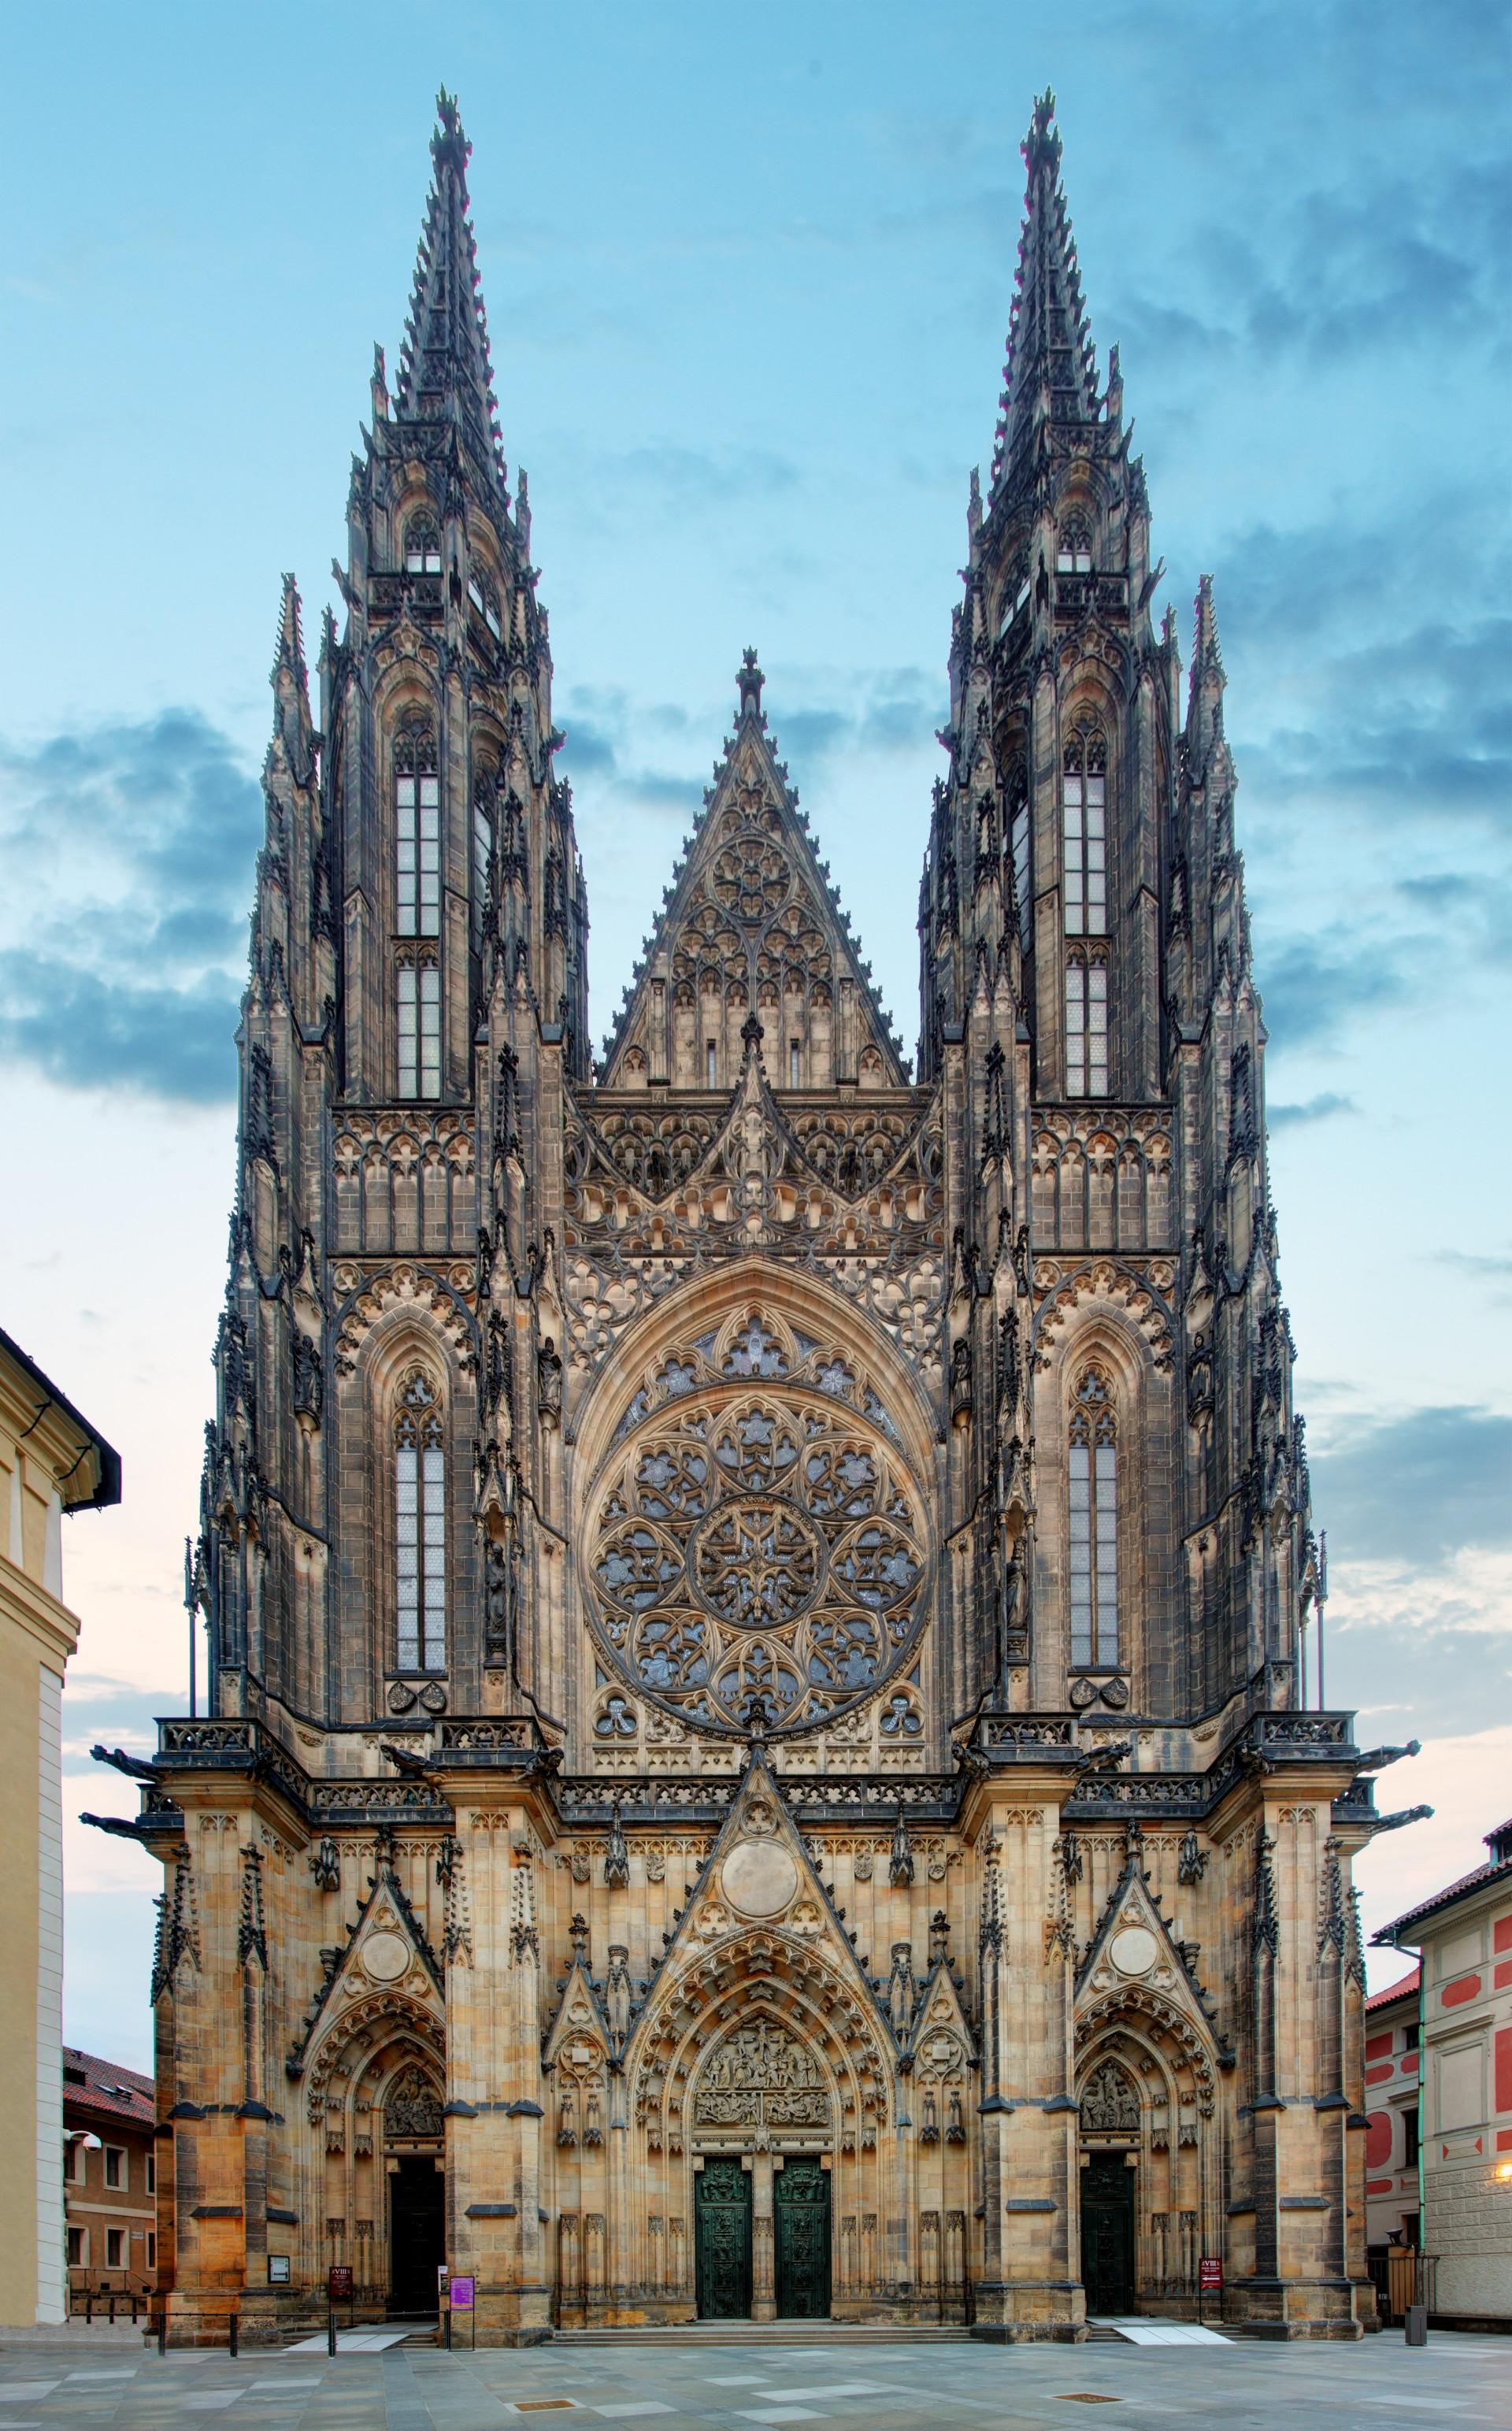 Katedrála svatého Víta, Václava a Vojtěcha.